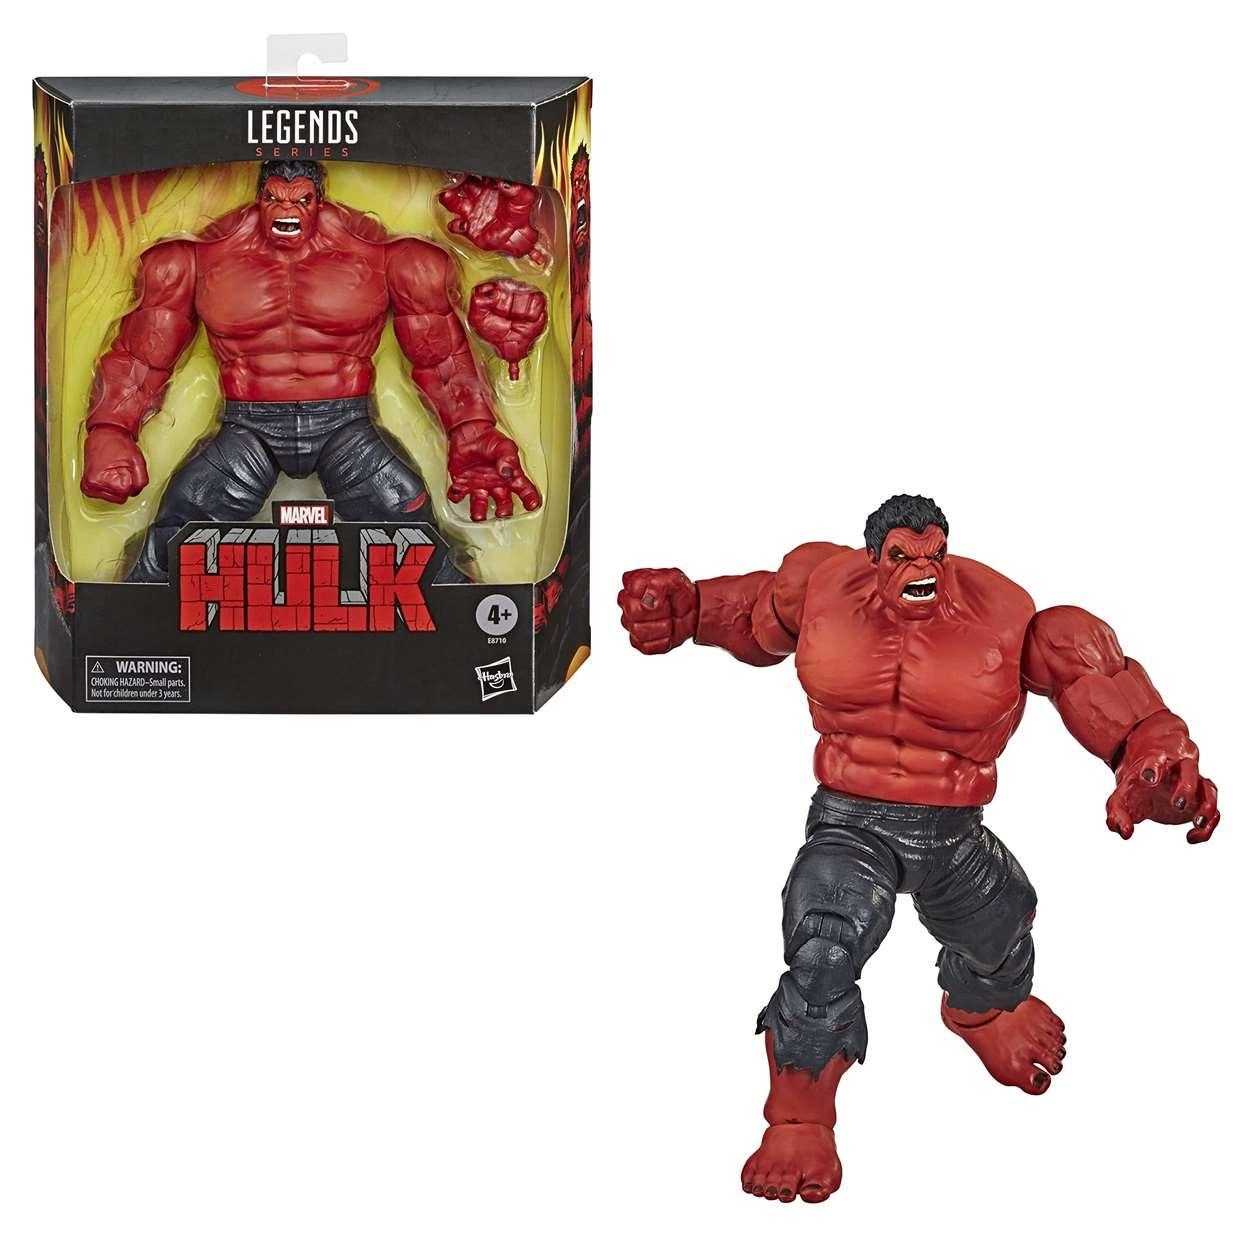 Red Hulk Figura Marvel Legends Series 6 Pulgadas